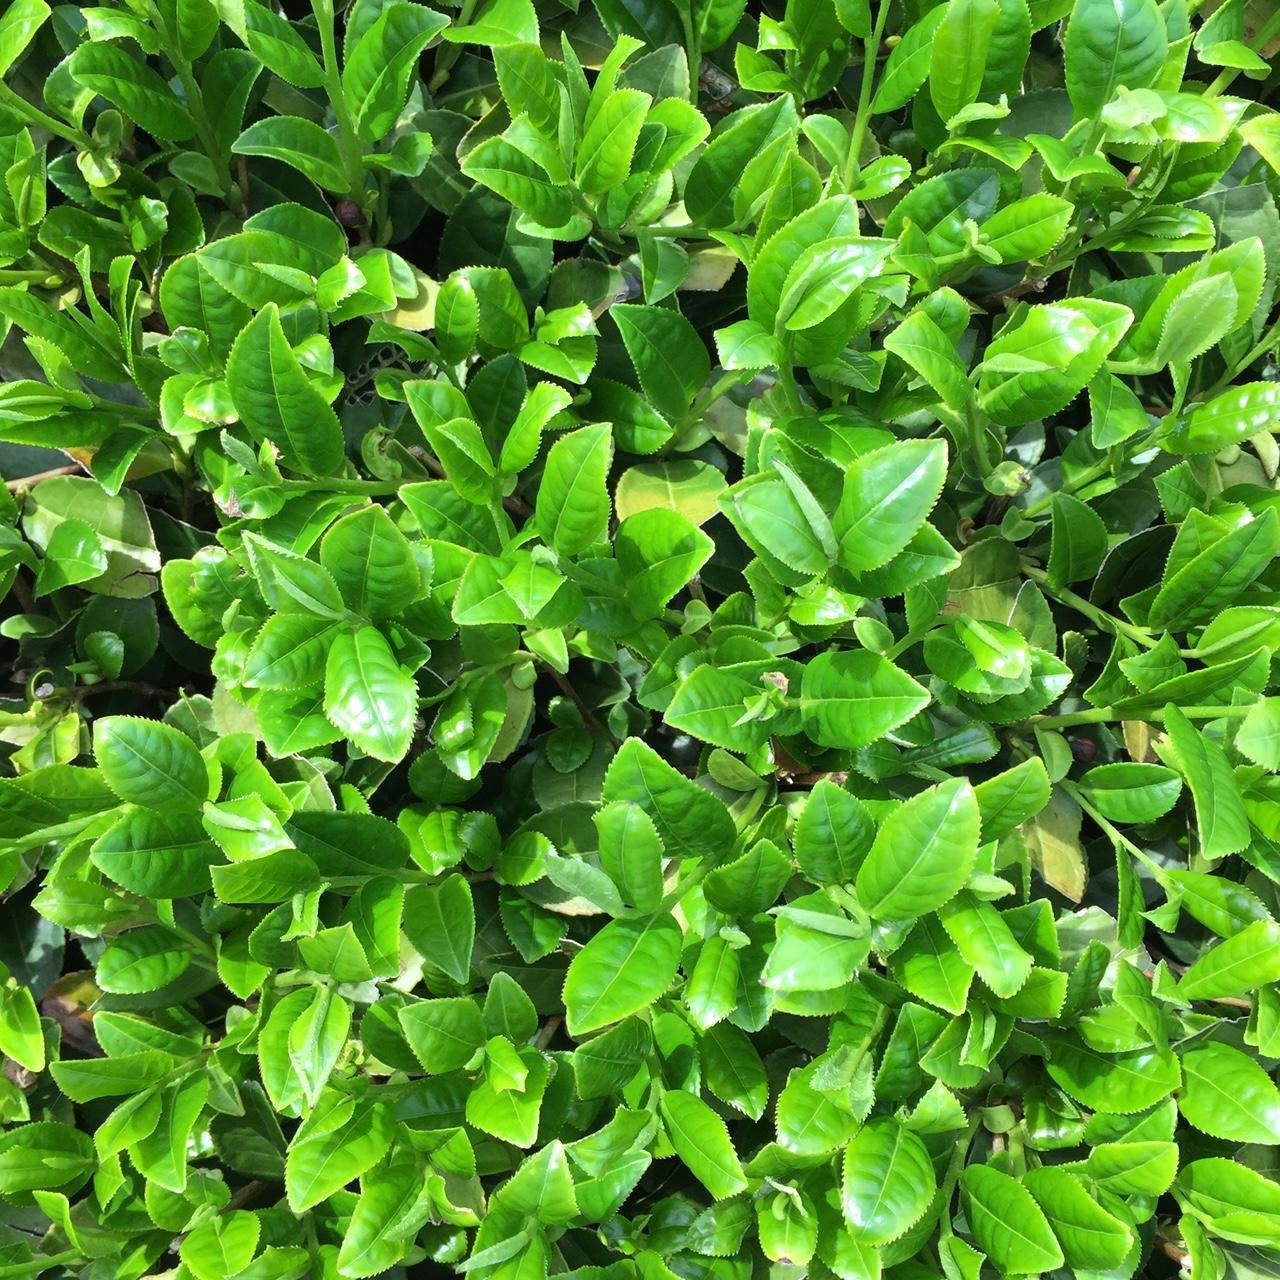 2017年4月18日かごしま緑茶の茶園風景です。早生品種ゆたかみどりです。葉緑素上げてます!。